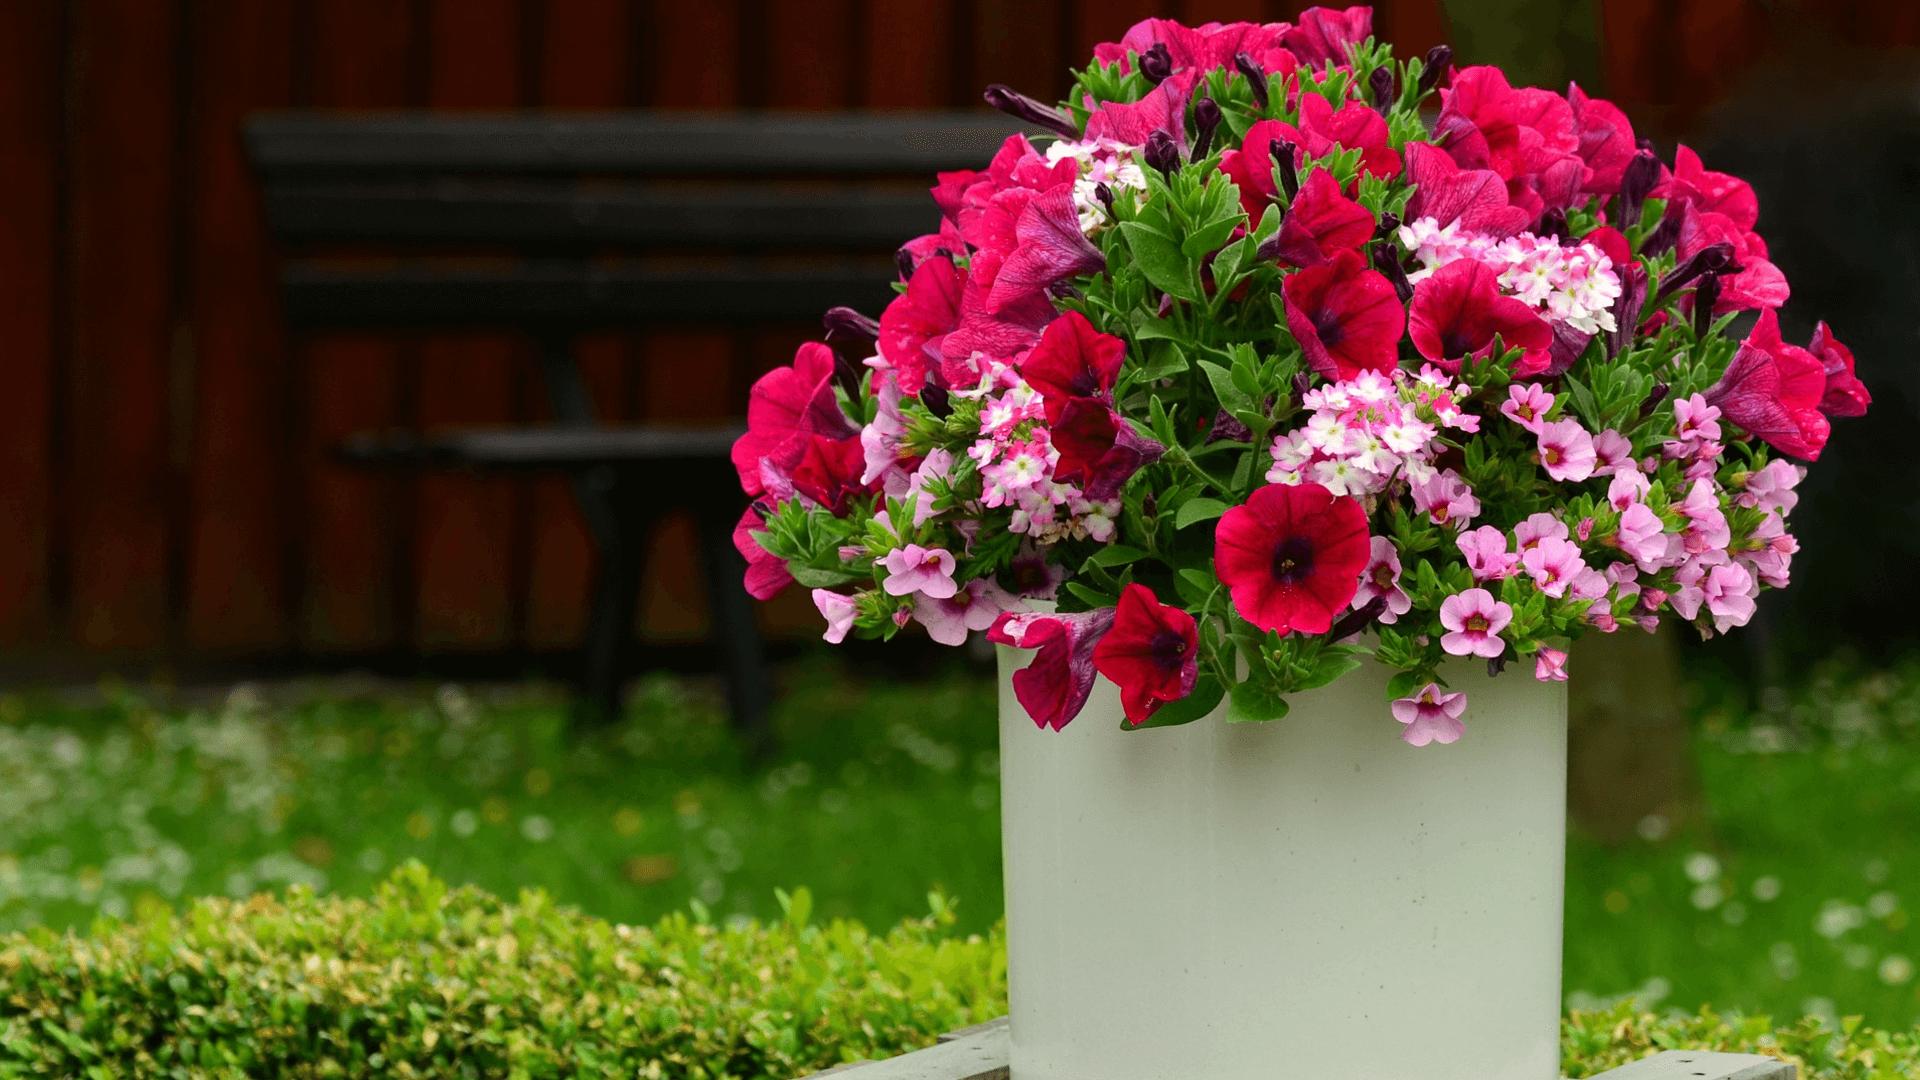 Terraplanter die Innovation für nachhaltige Blumentöpfe